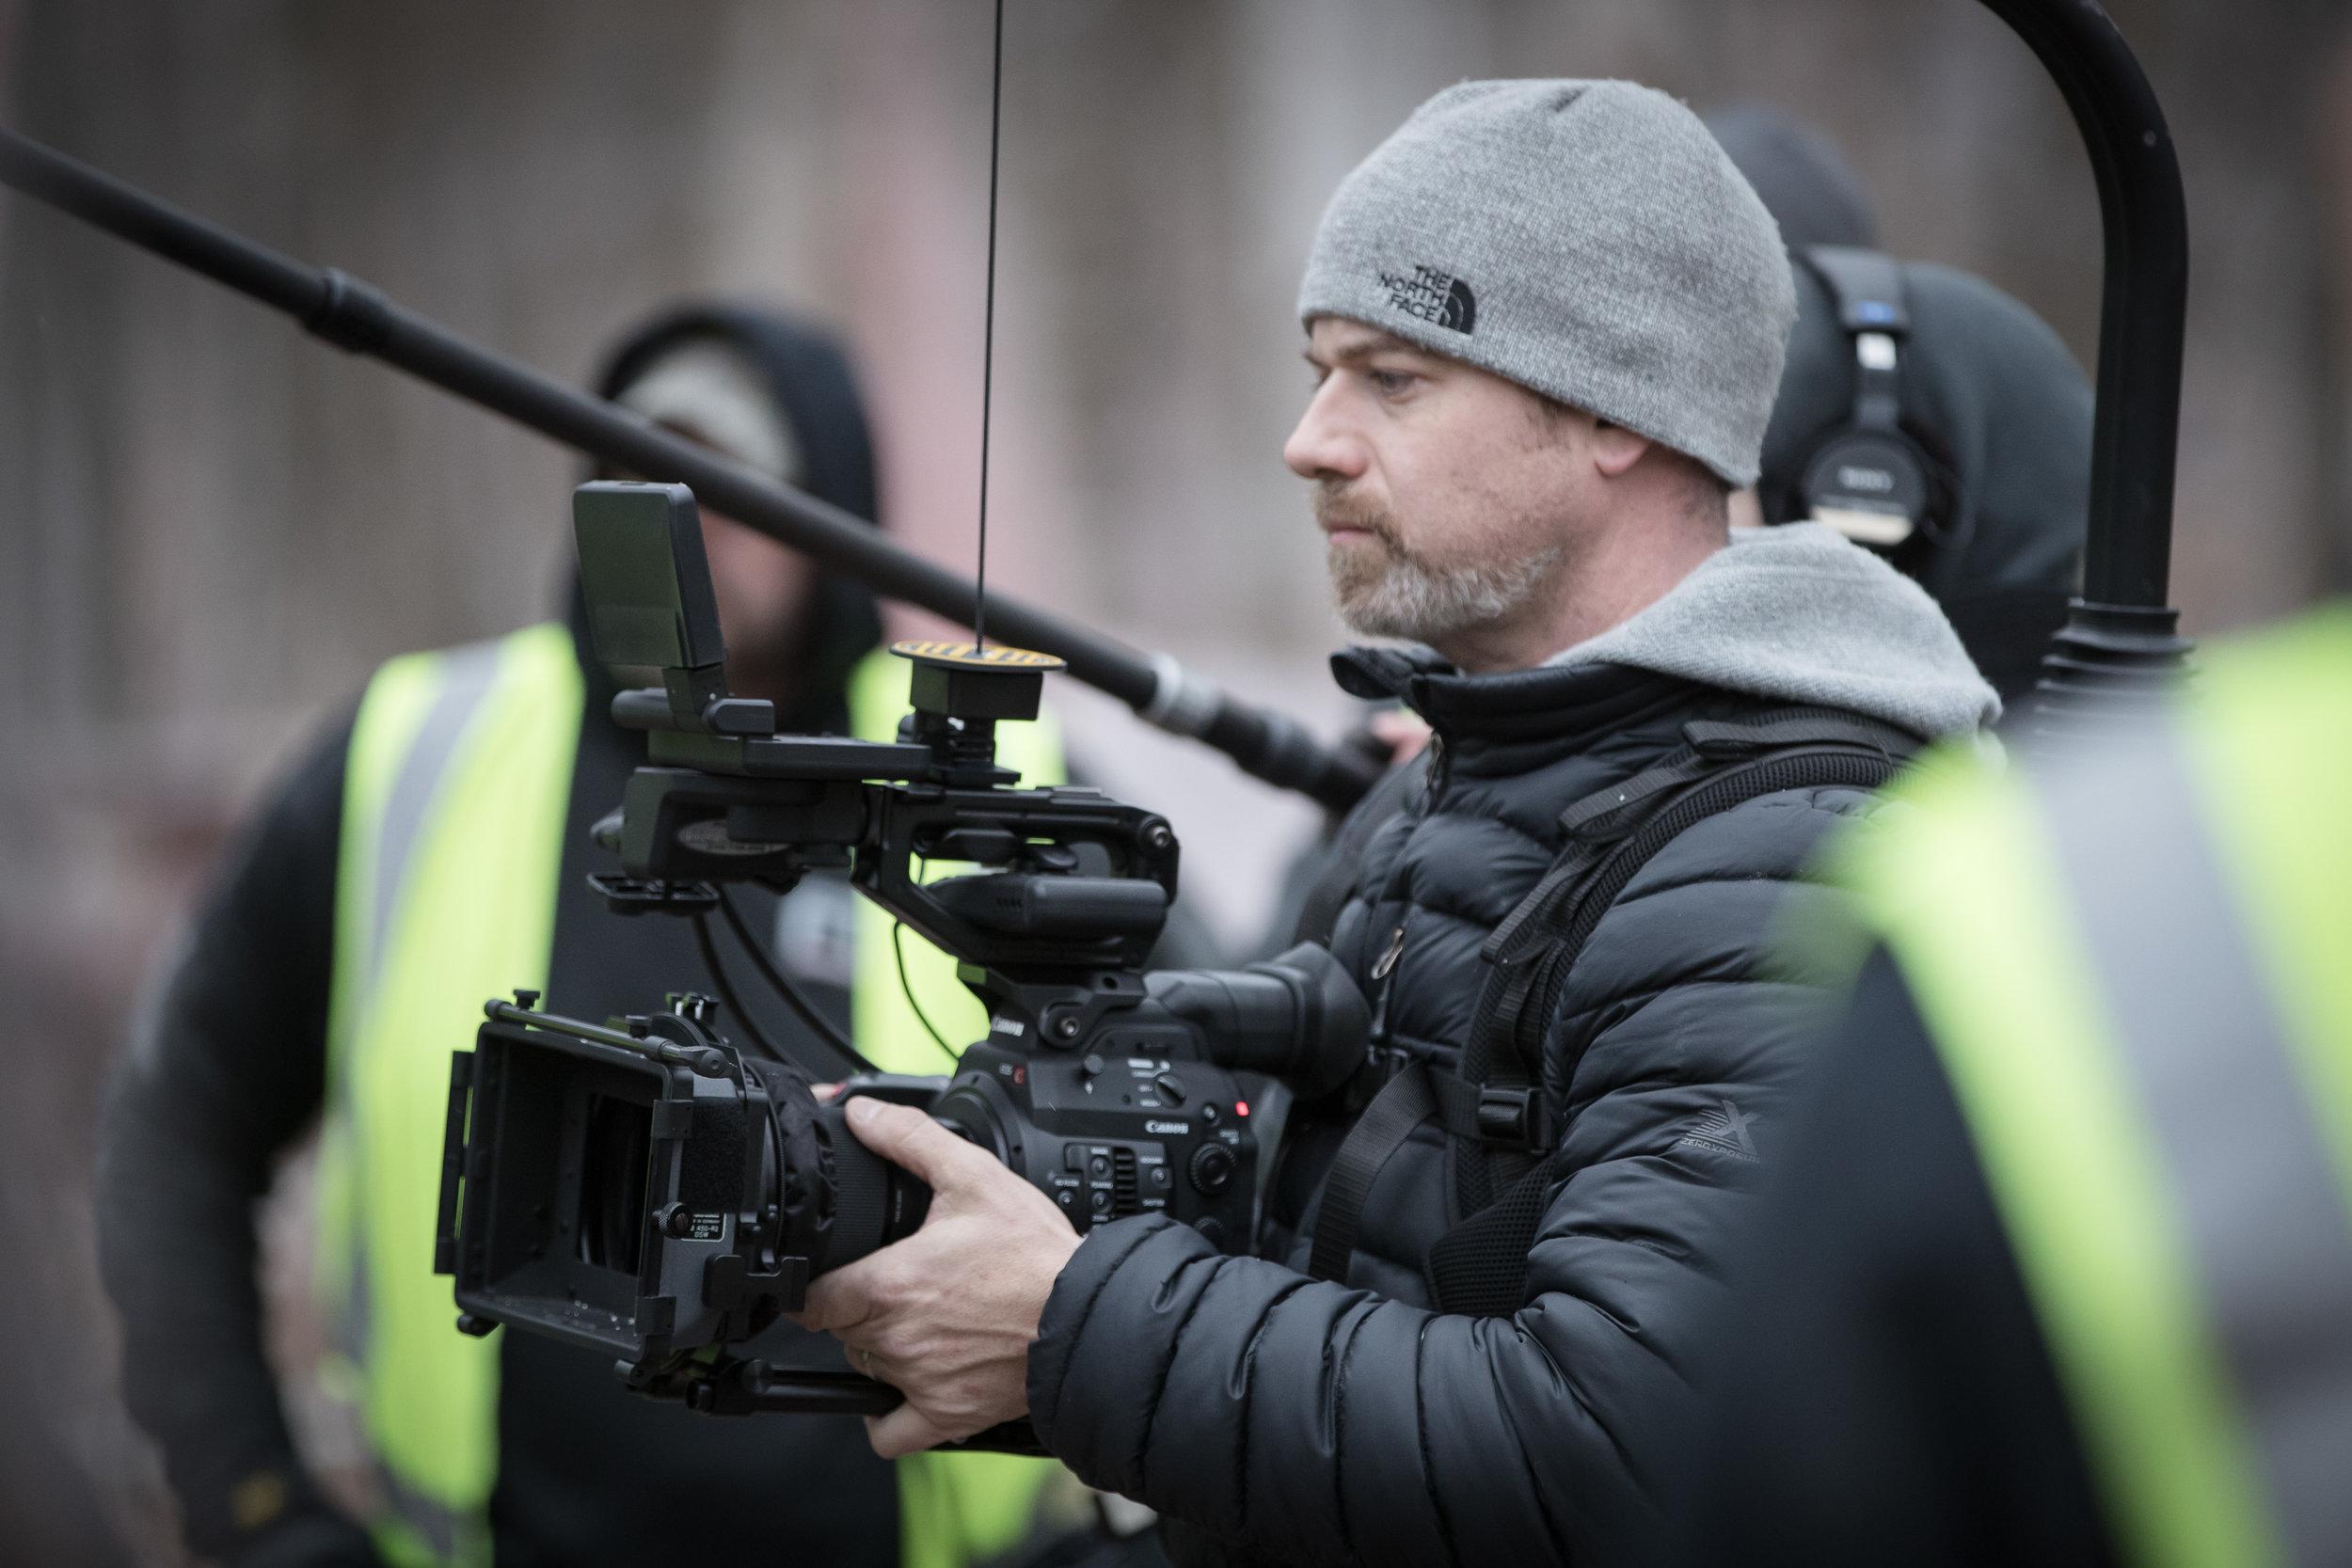 Director of Photography Detroit Joel Knoop